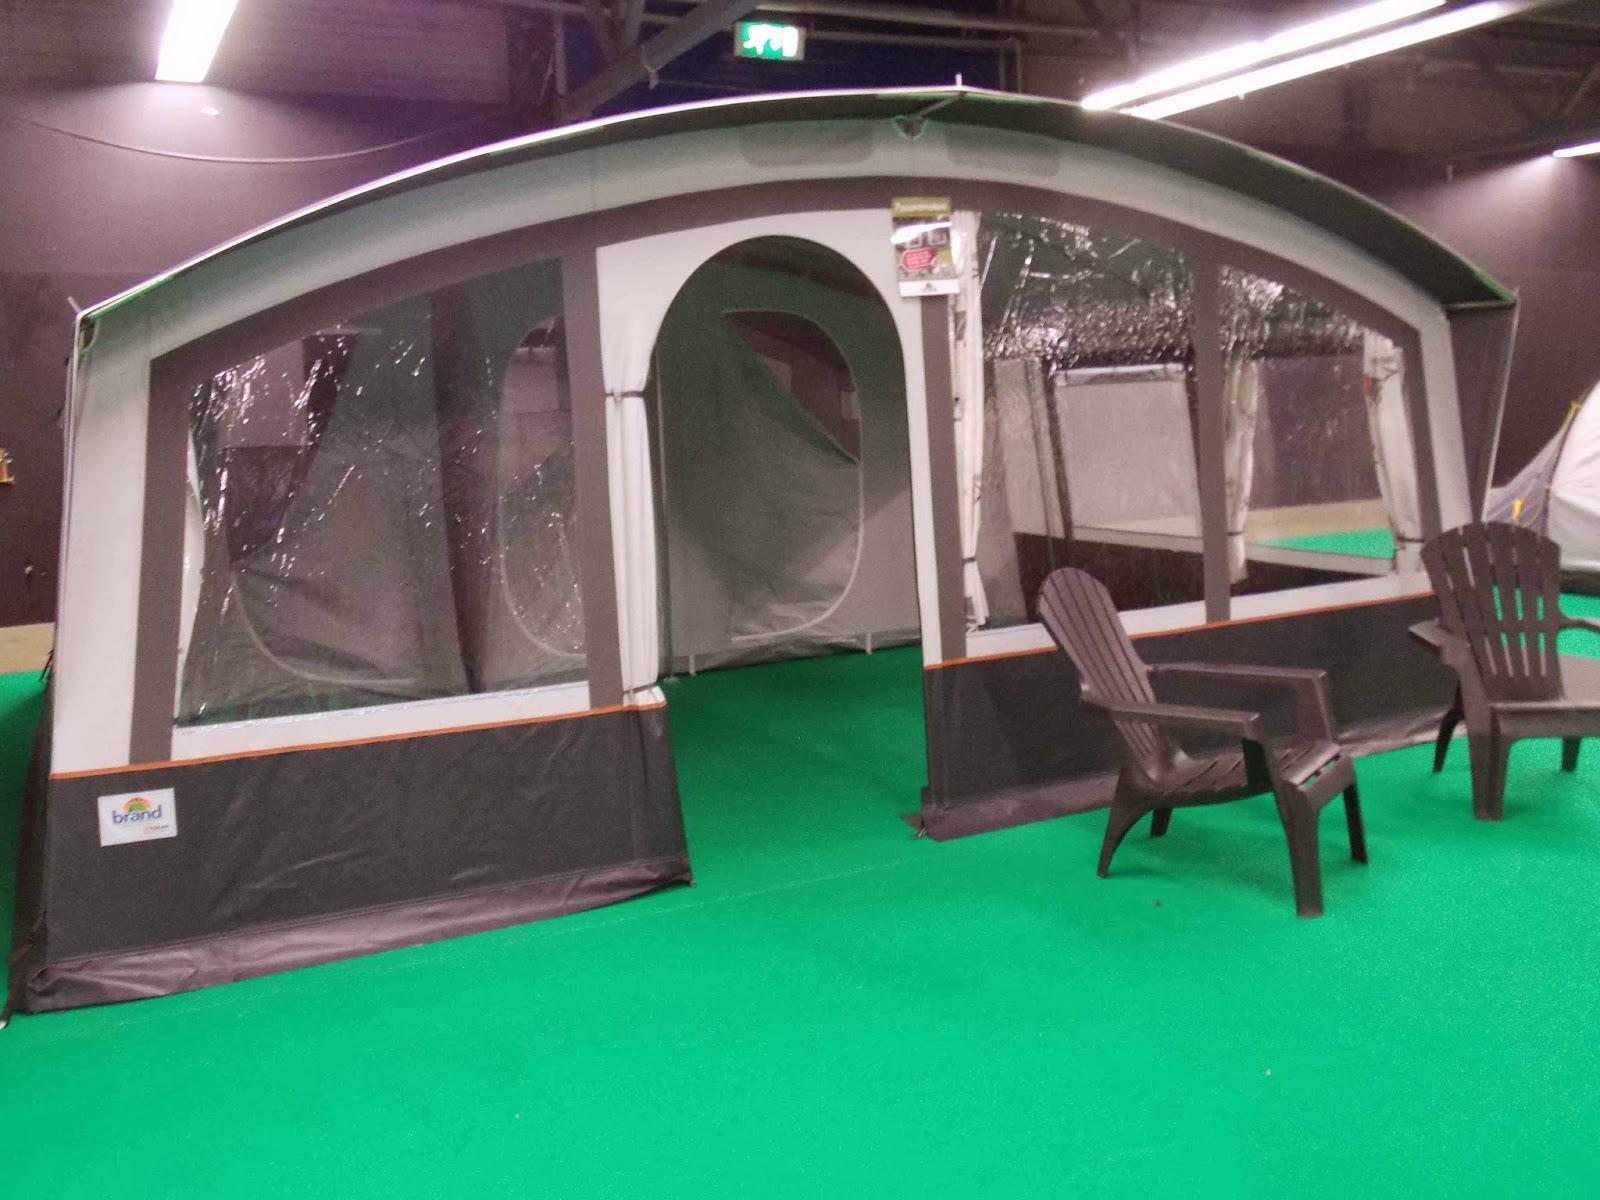 Camping sites et paysages carpodrome tang fougeraie en for Tente 6 places 3 chambres